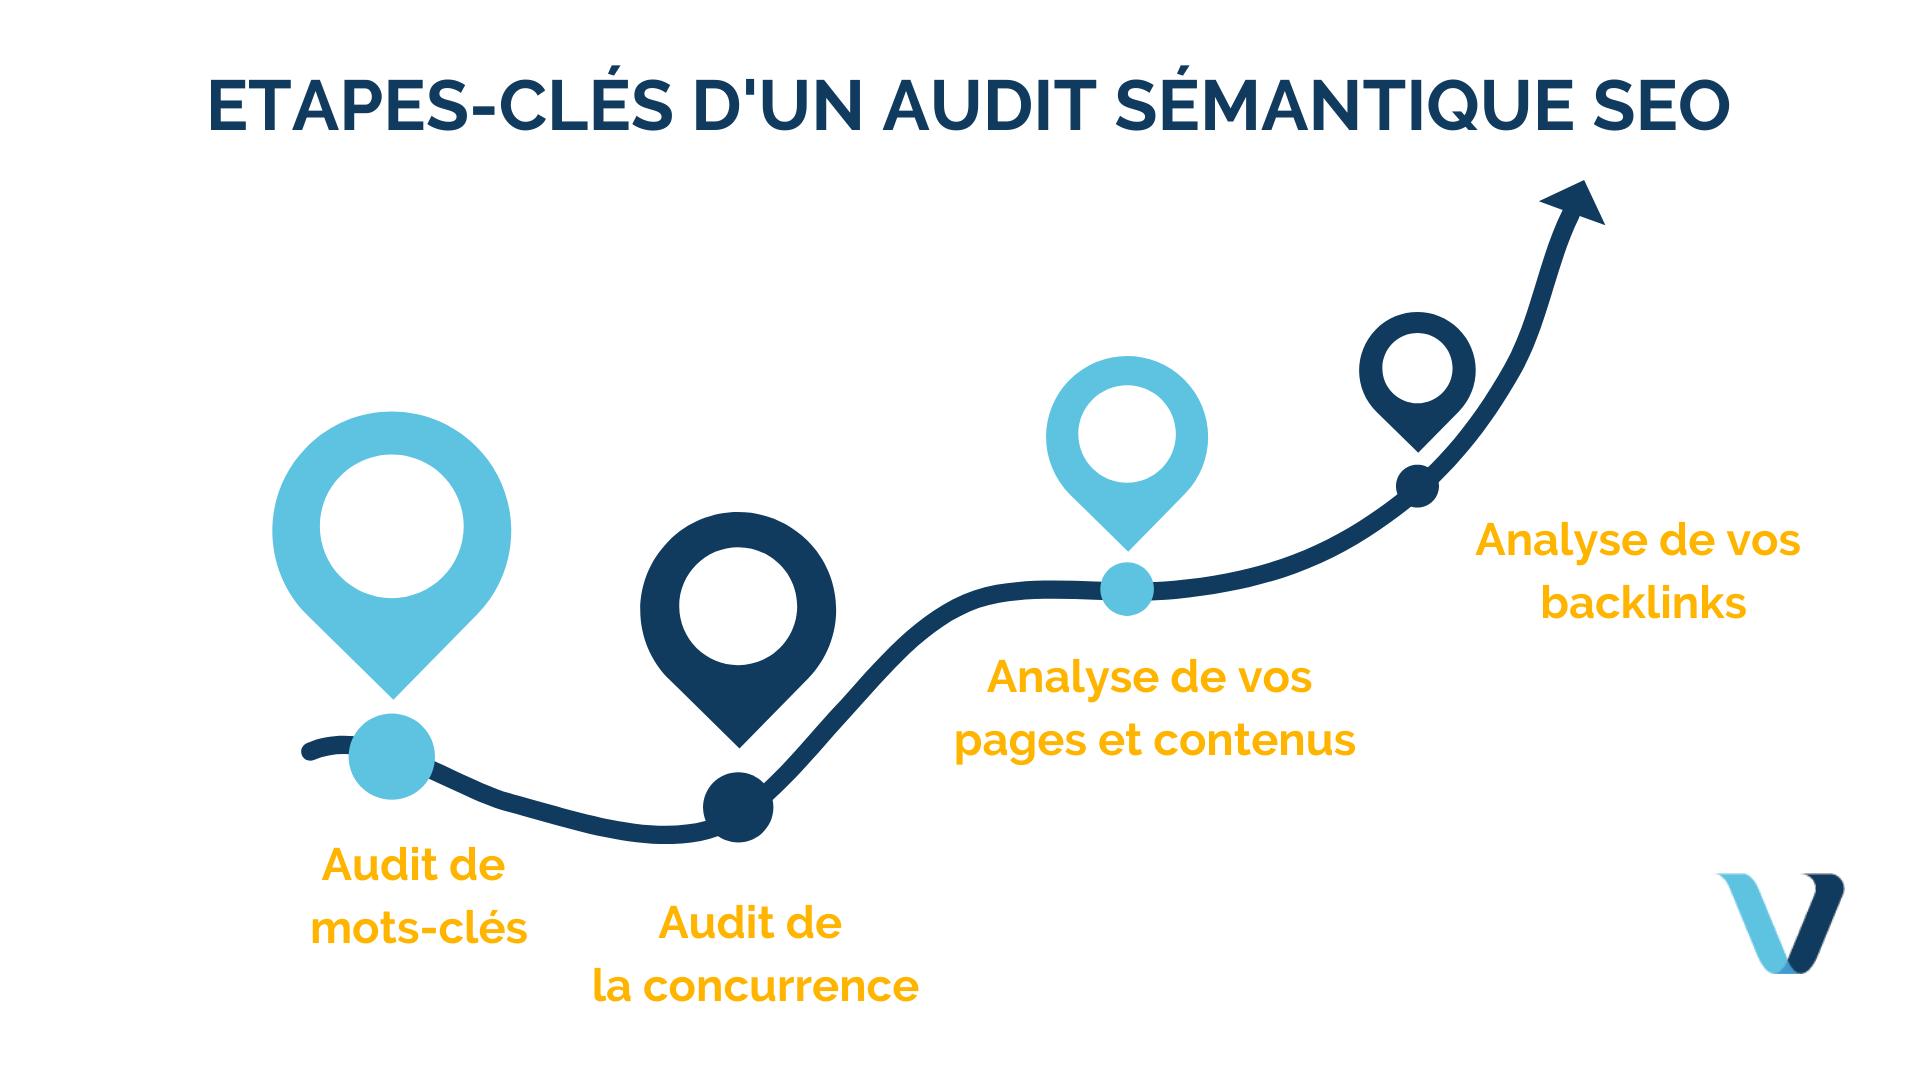 Pourquoi faire un audit sémantique SEO ?